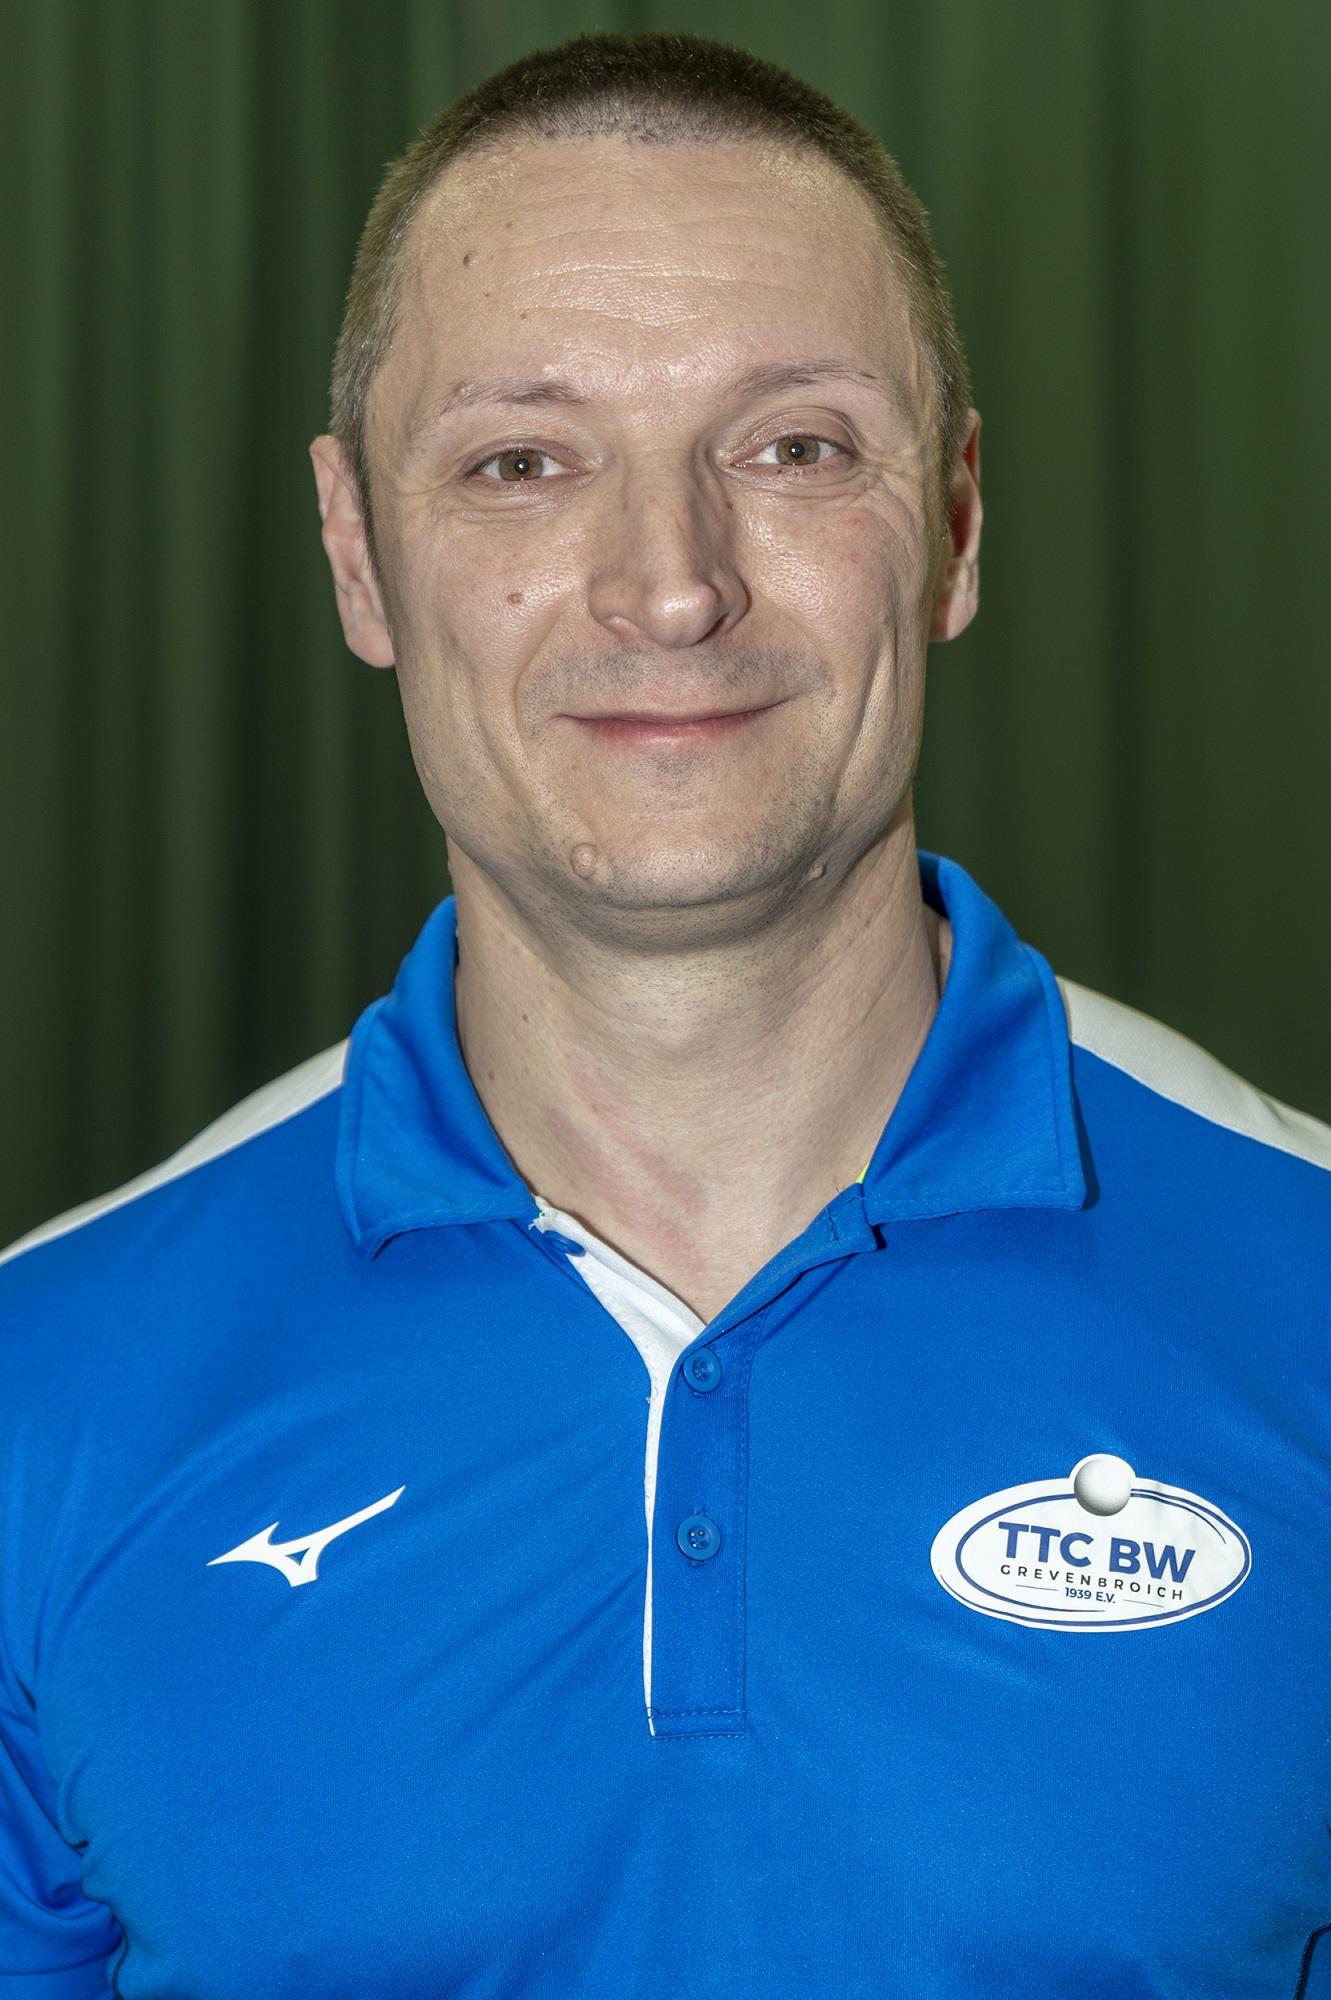 Jörg Weiß